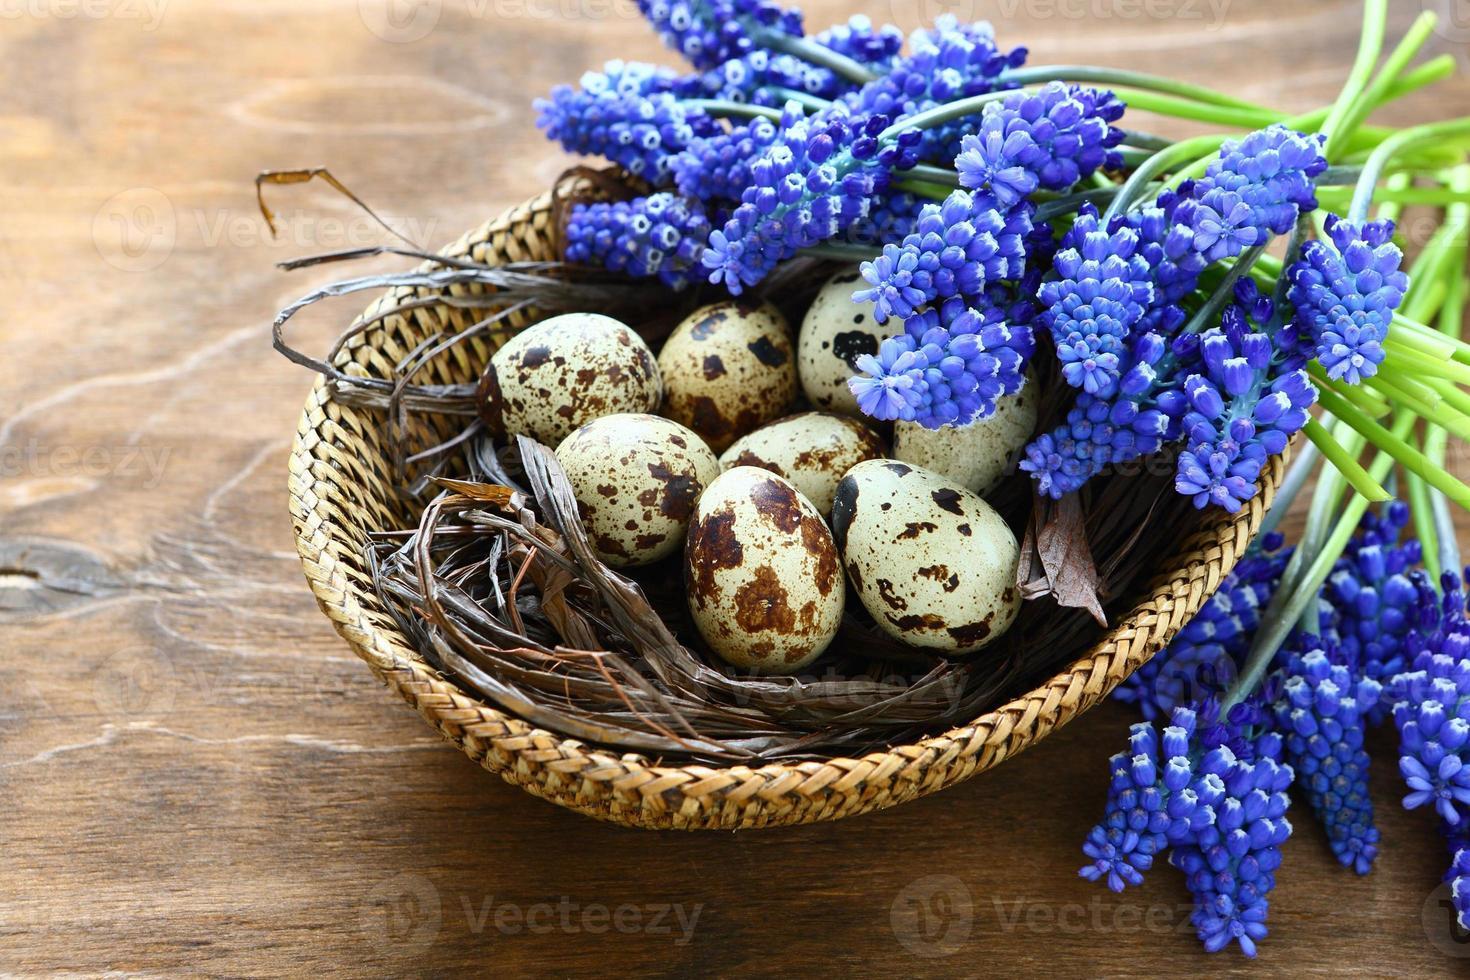 paaseieren met blauwe bloemen foto